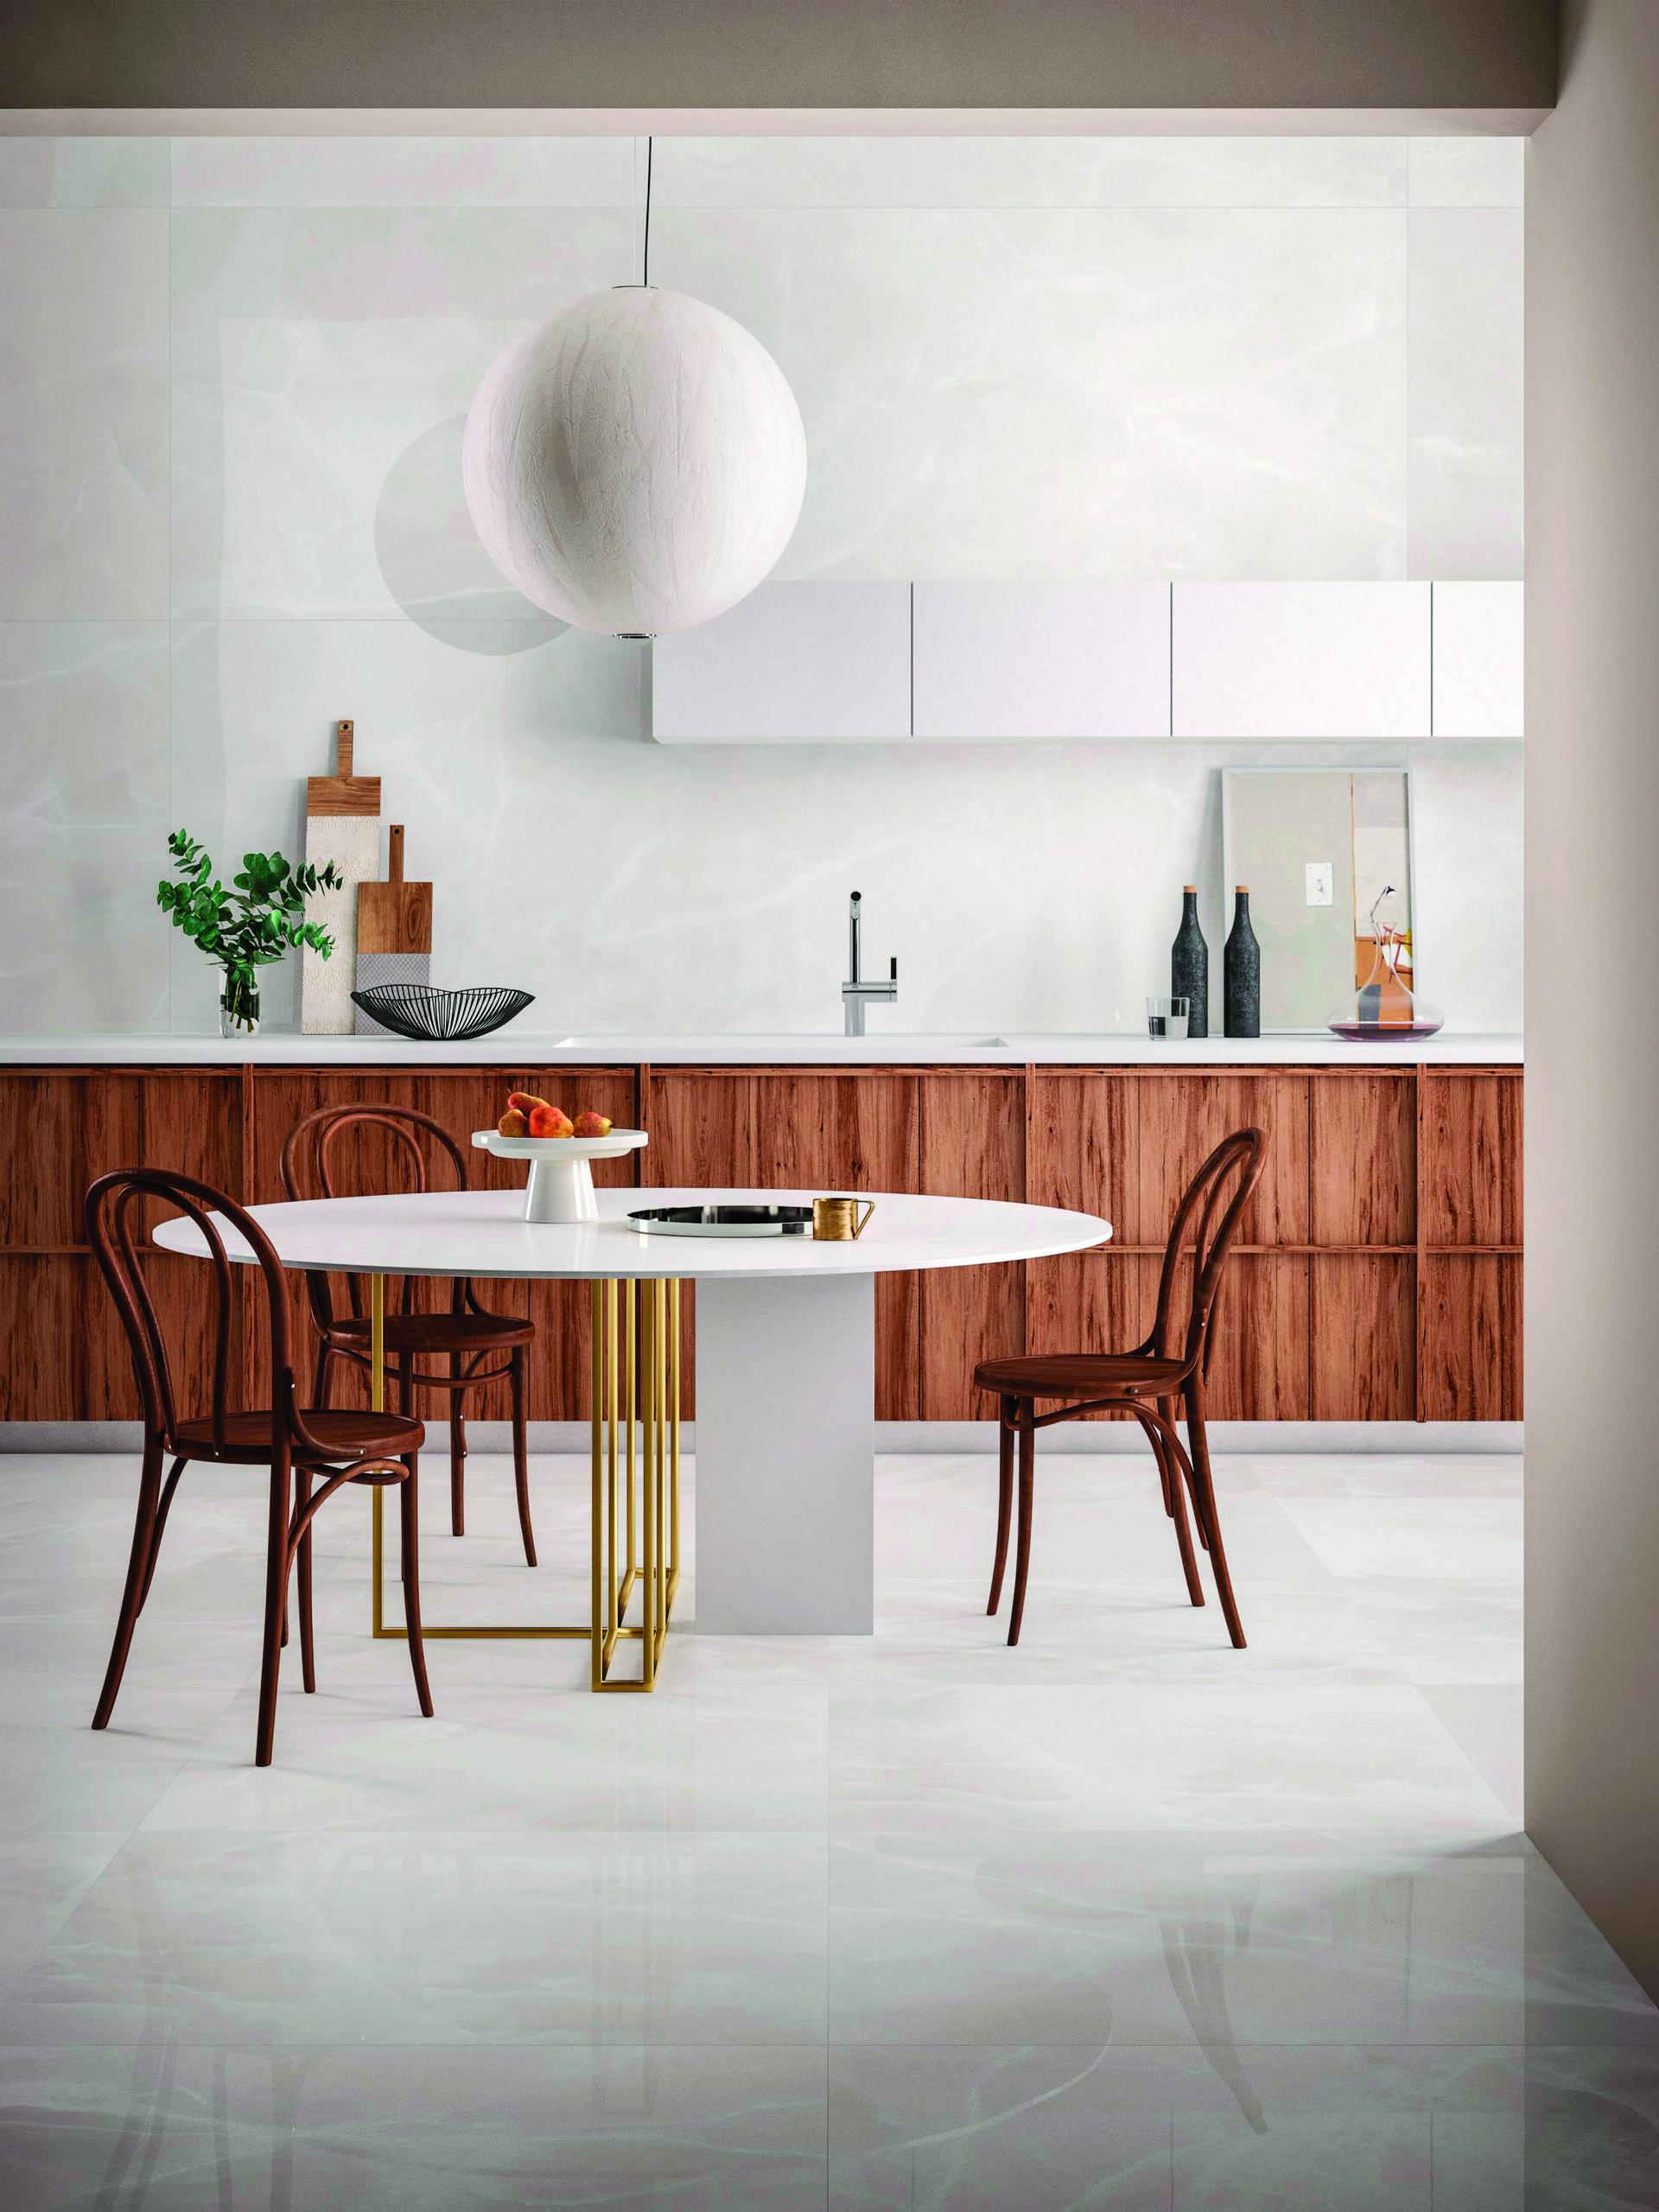 מטבח במראה עץ טבעי וחיפויי גרנית פורצלן מרצפה ועד תקרה מאפשרים עיצוב מקסימלי נטול תחזוקה, Cotto D'este